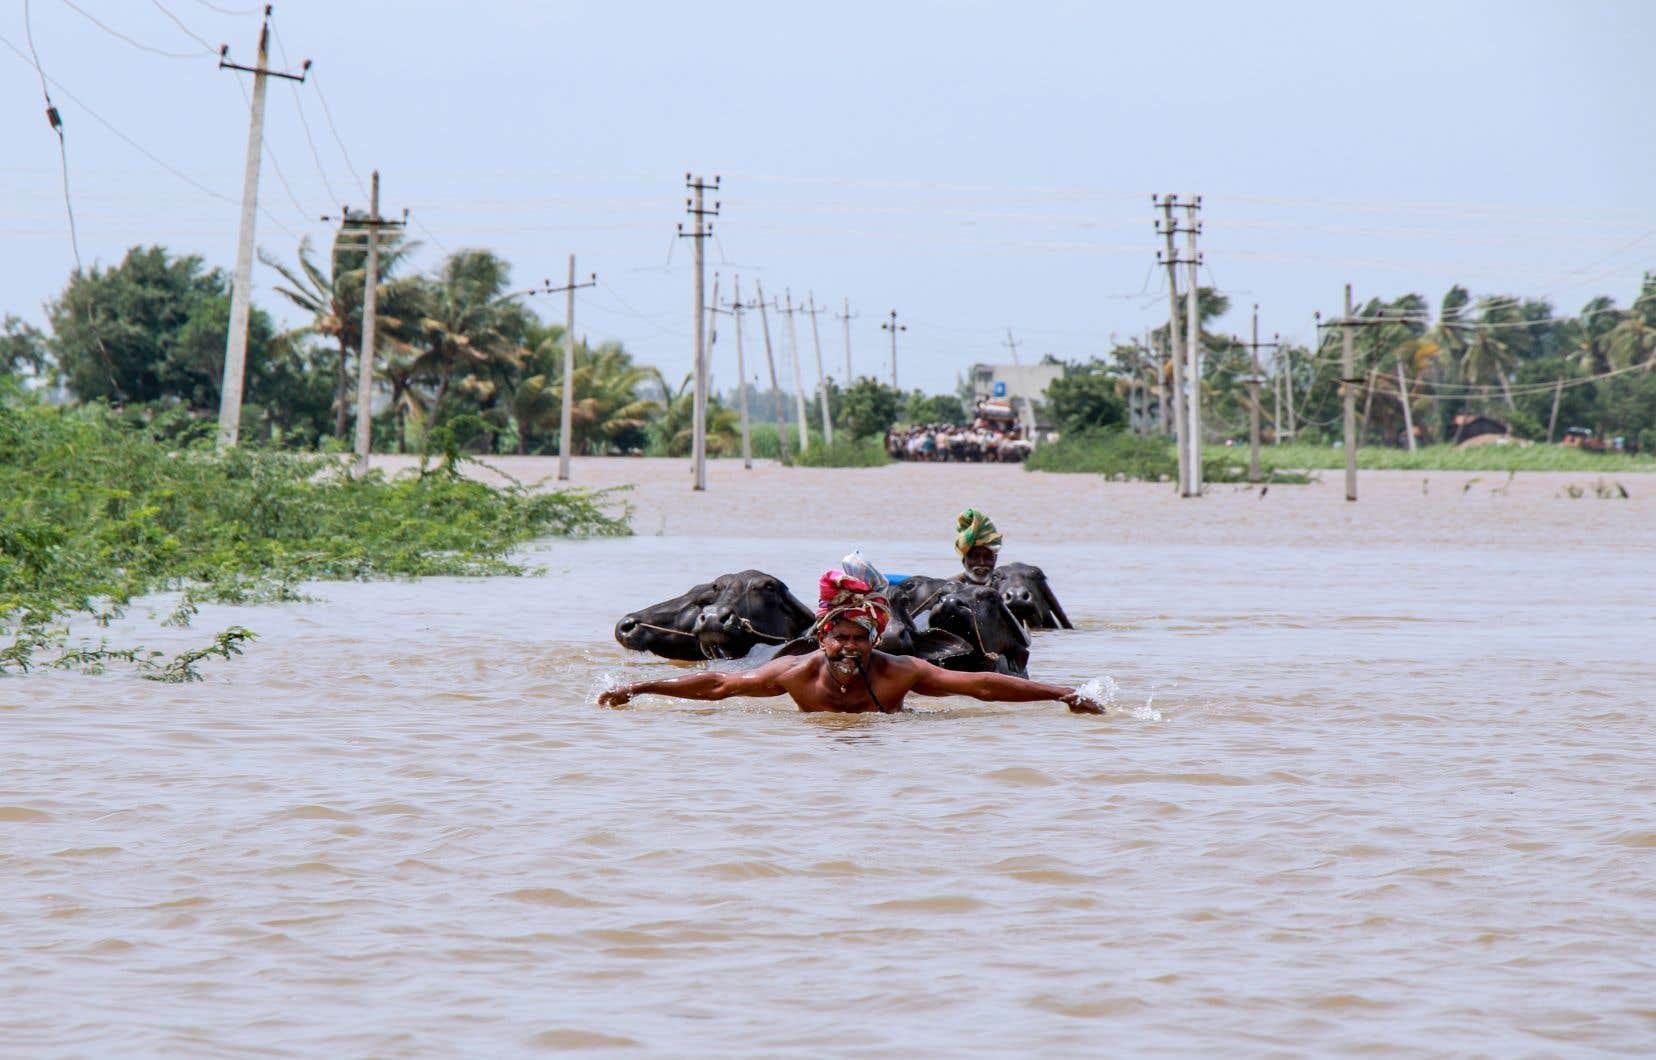 Dans l'État du Karnataka, où les inondations ont été plus importantes que ces dernières années, le bilan provisoire s'élève à 42 morts.